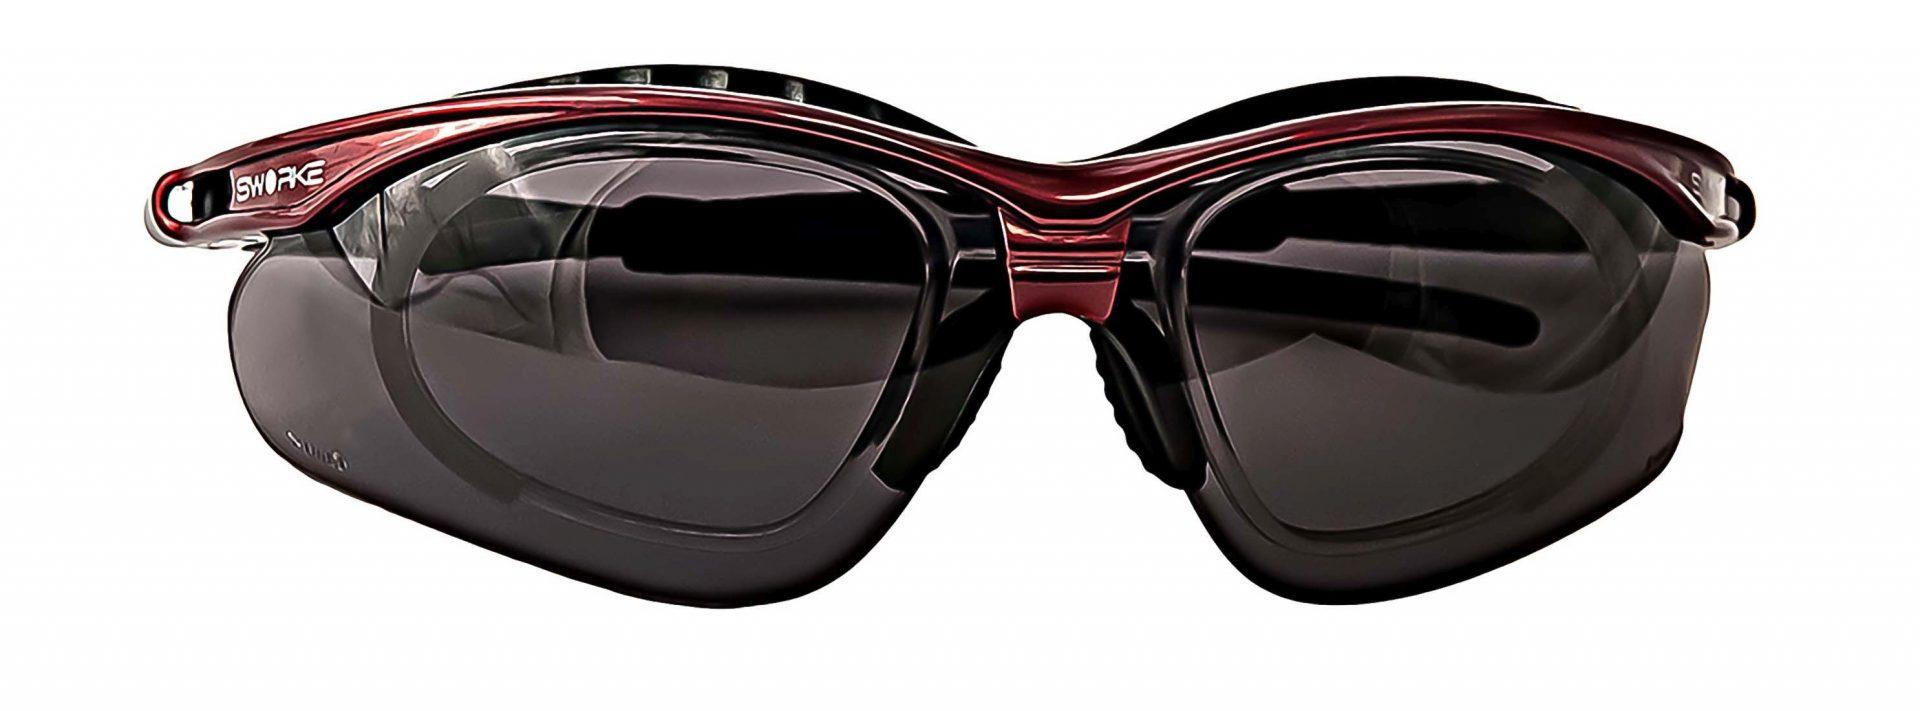 Sworke sunglasses 3853 1 159 2970x1100